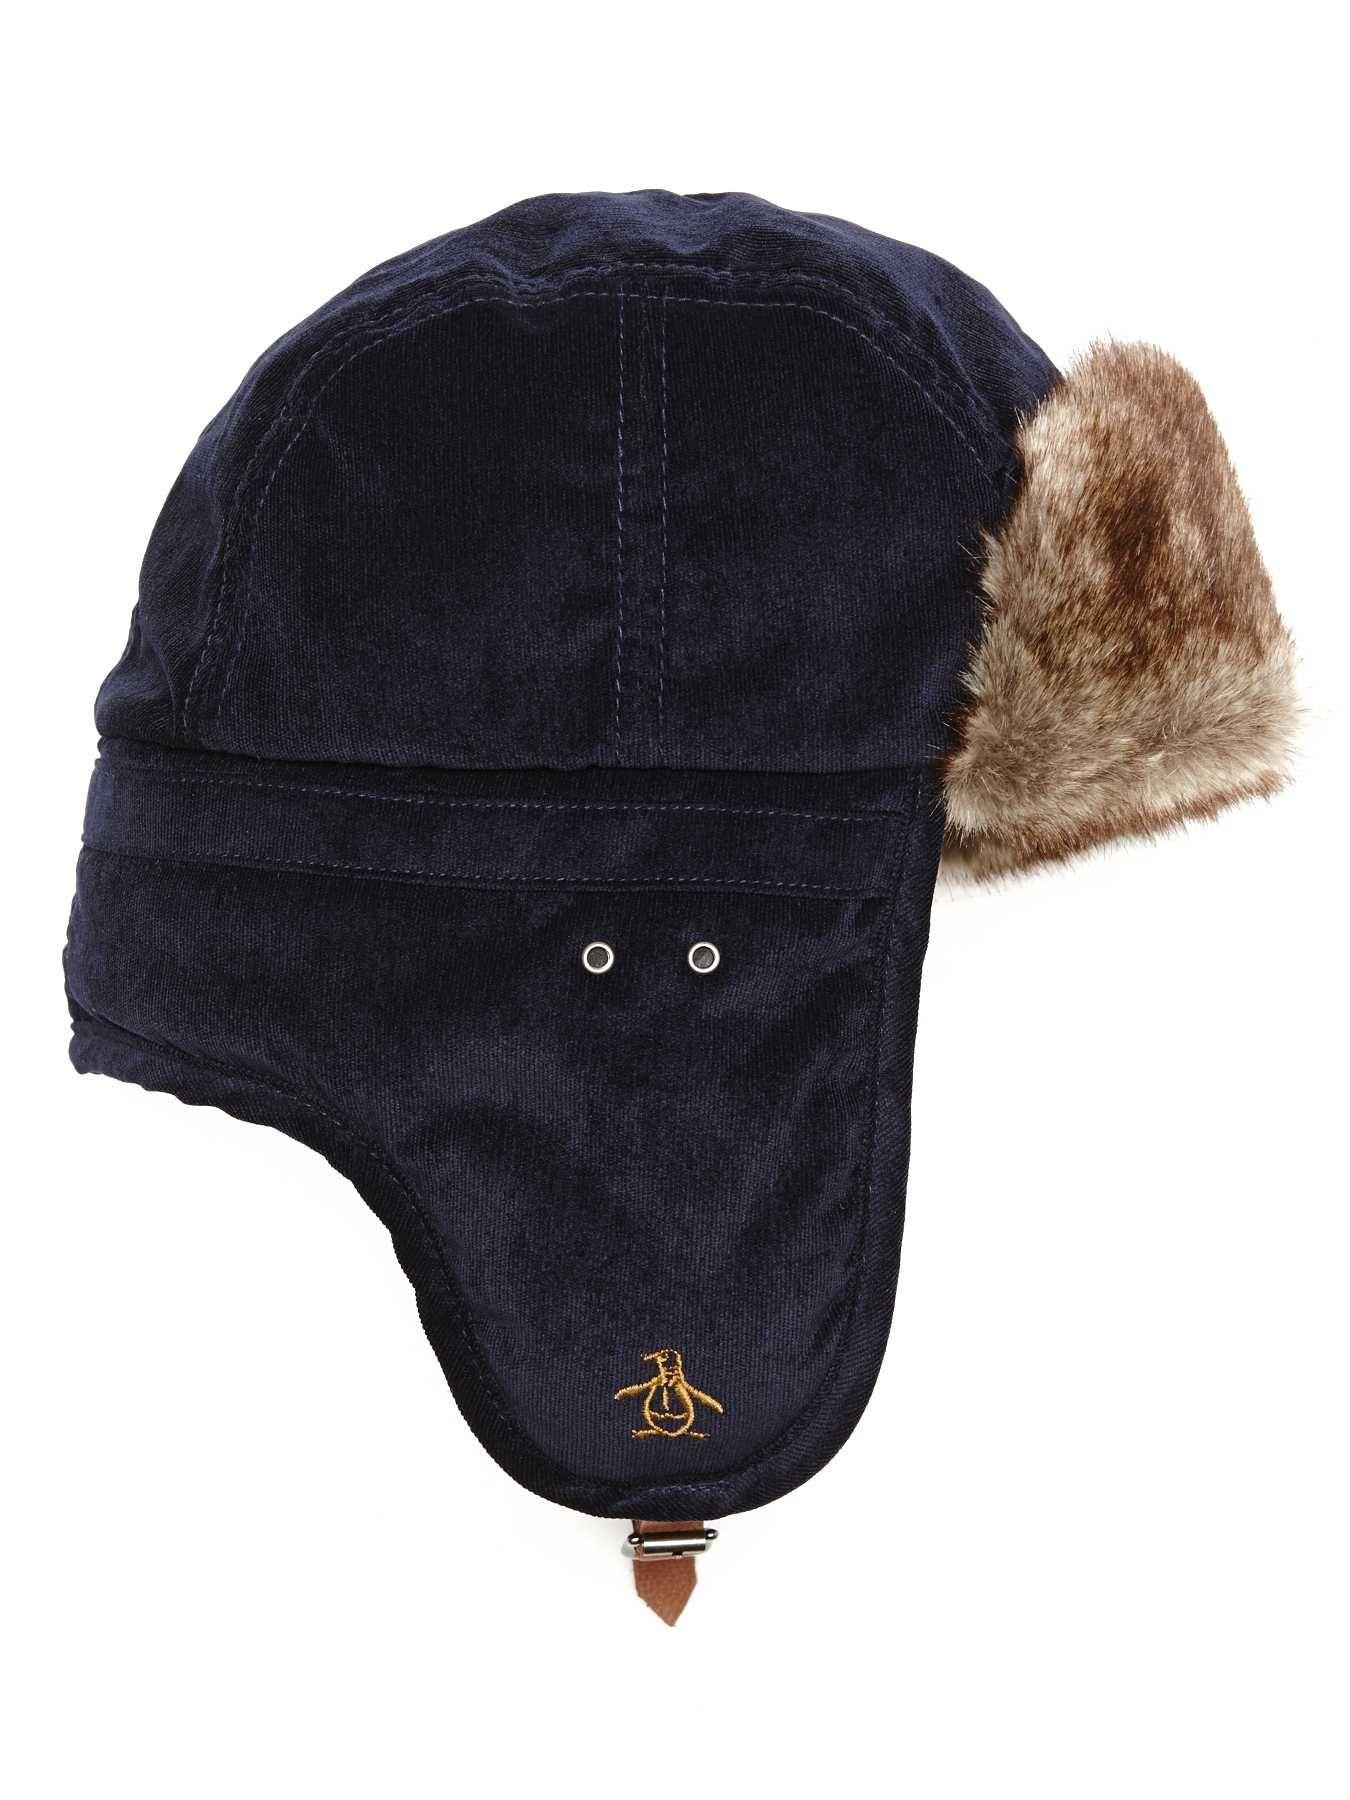 Buy vans trapper hat   OFF40% Discounts e6ceb8b00b2